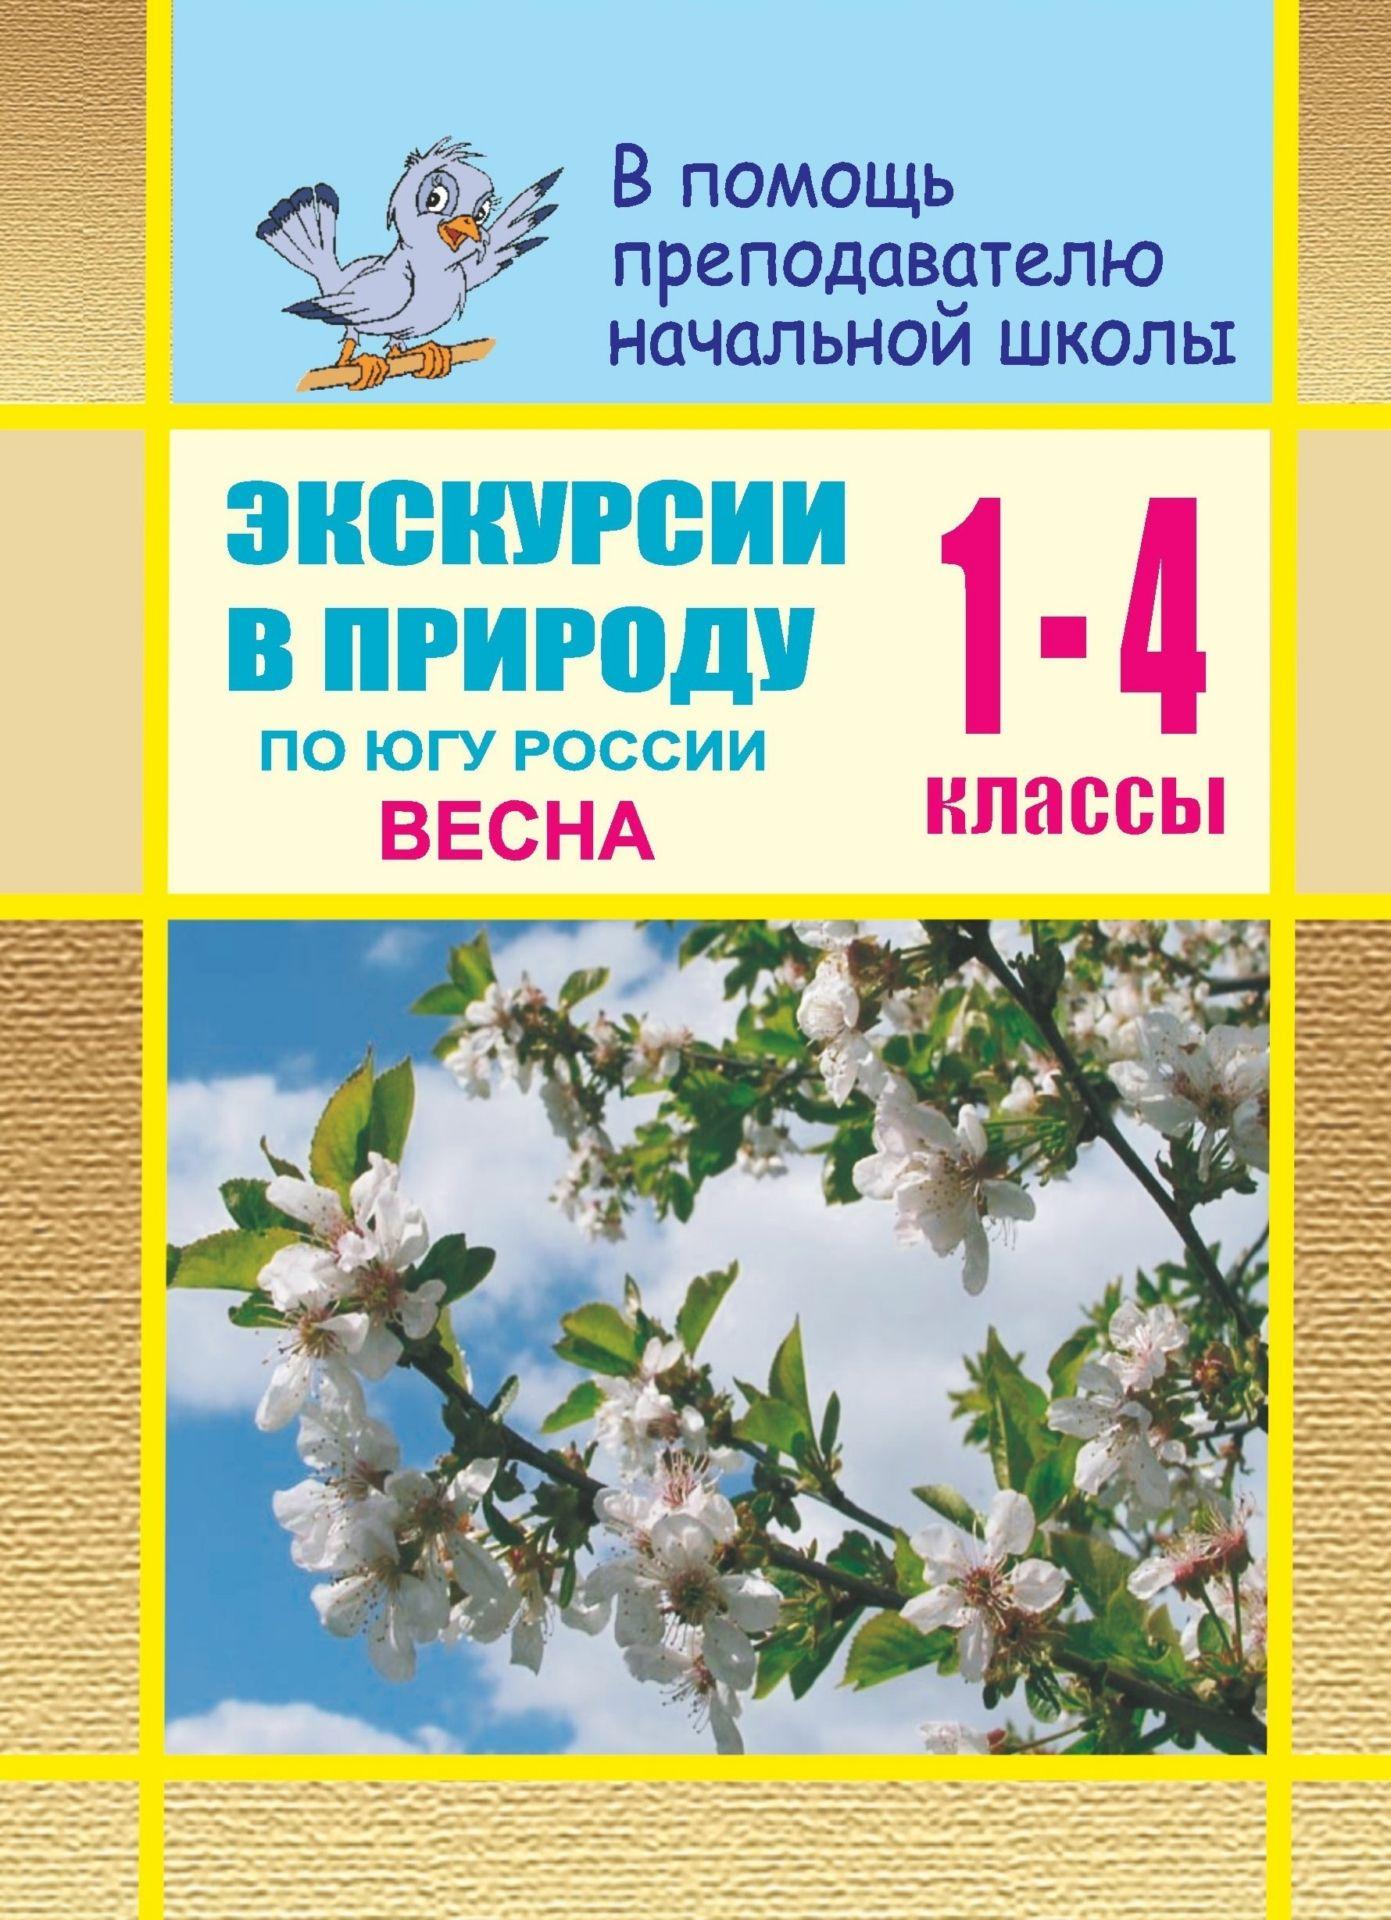 Экскурсии в природу по югу России.  Весна. Сценарии уроков